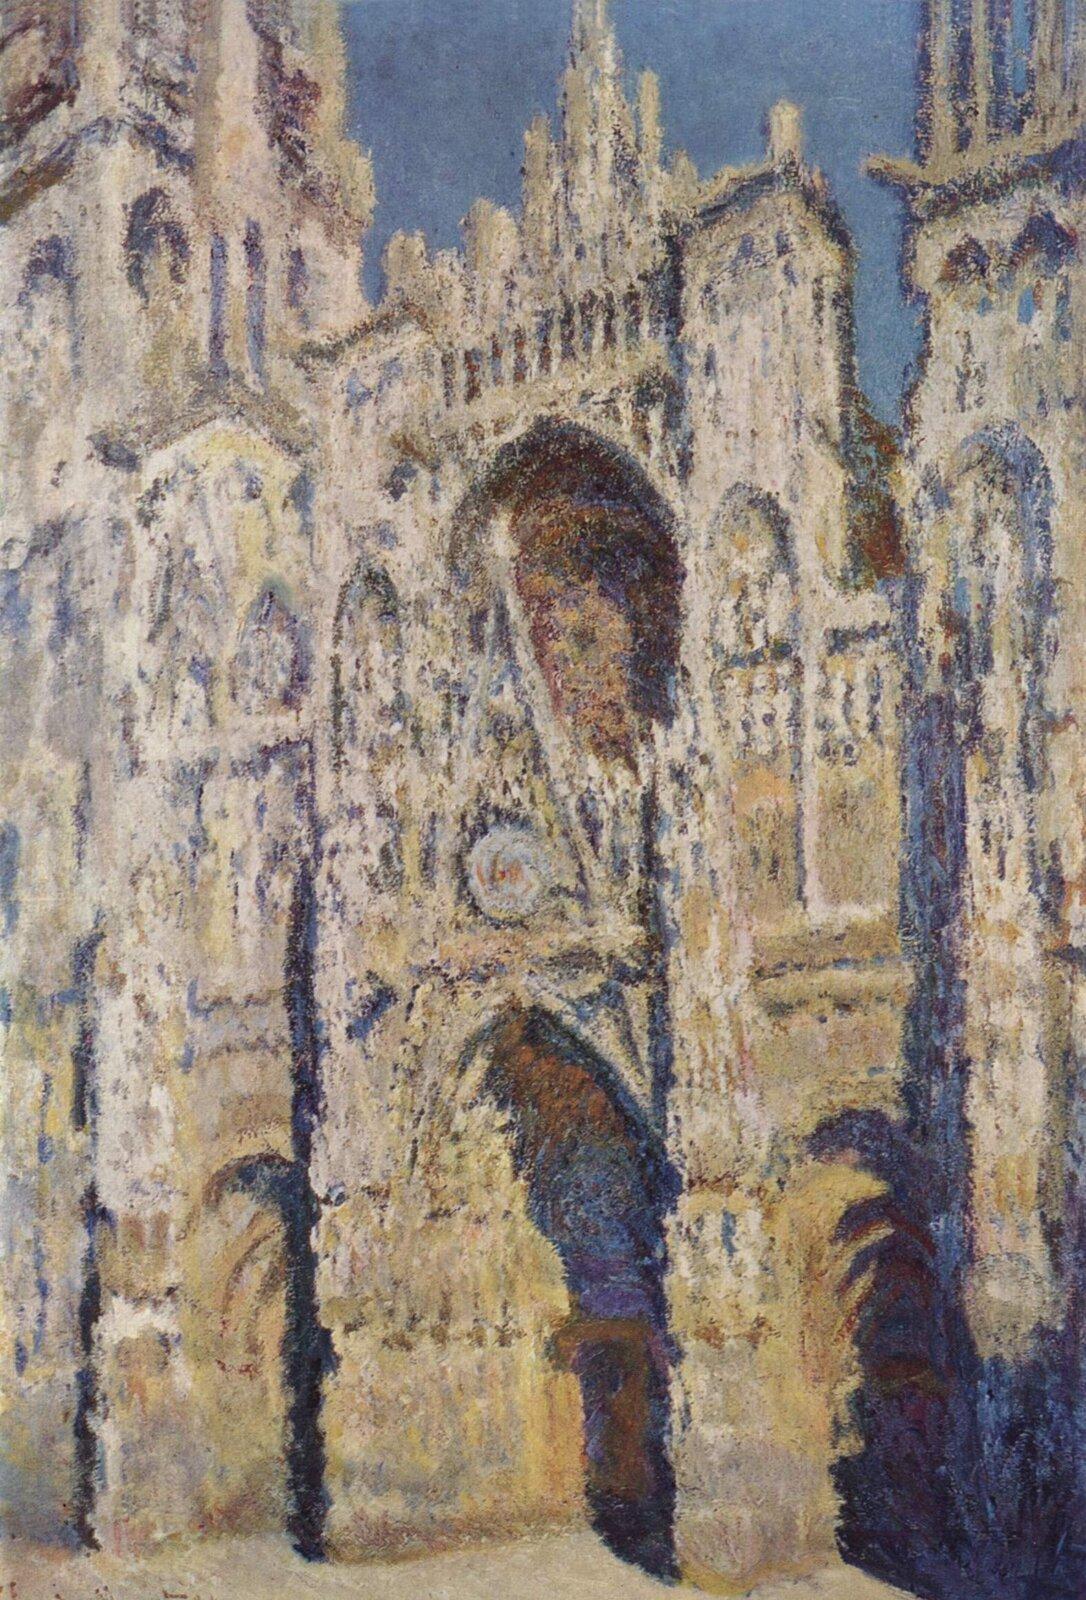 """Ilustracja przedstawia obraz Claude Moneta pt. """"Katedra wRouen"""". Obraz pochodzi z1894 roku. Na obrazie przedstawiono paryską katedrę. Artysta za pomocą plam oraz światła nadał budowli rzeczywisty kształt oraz przestrzeń. Widoczne są liczne zdobienia elewacji oraz półkoliste okna imasywne kolumny katedry."""